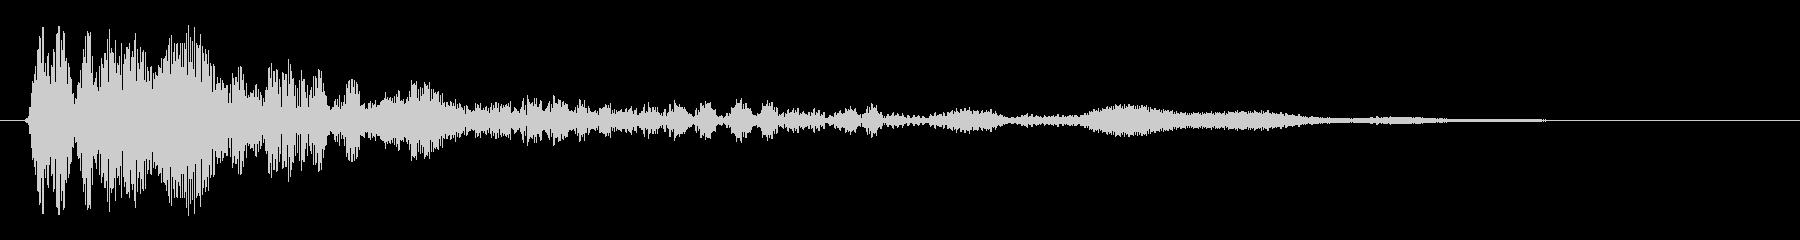 クリックの音(シンプル)の未再生の波形